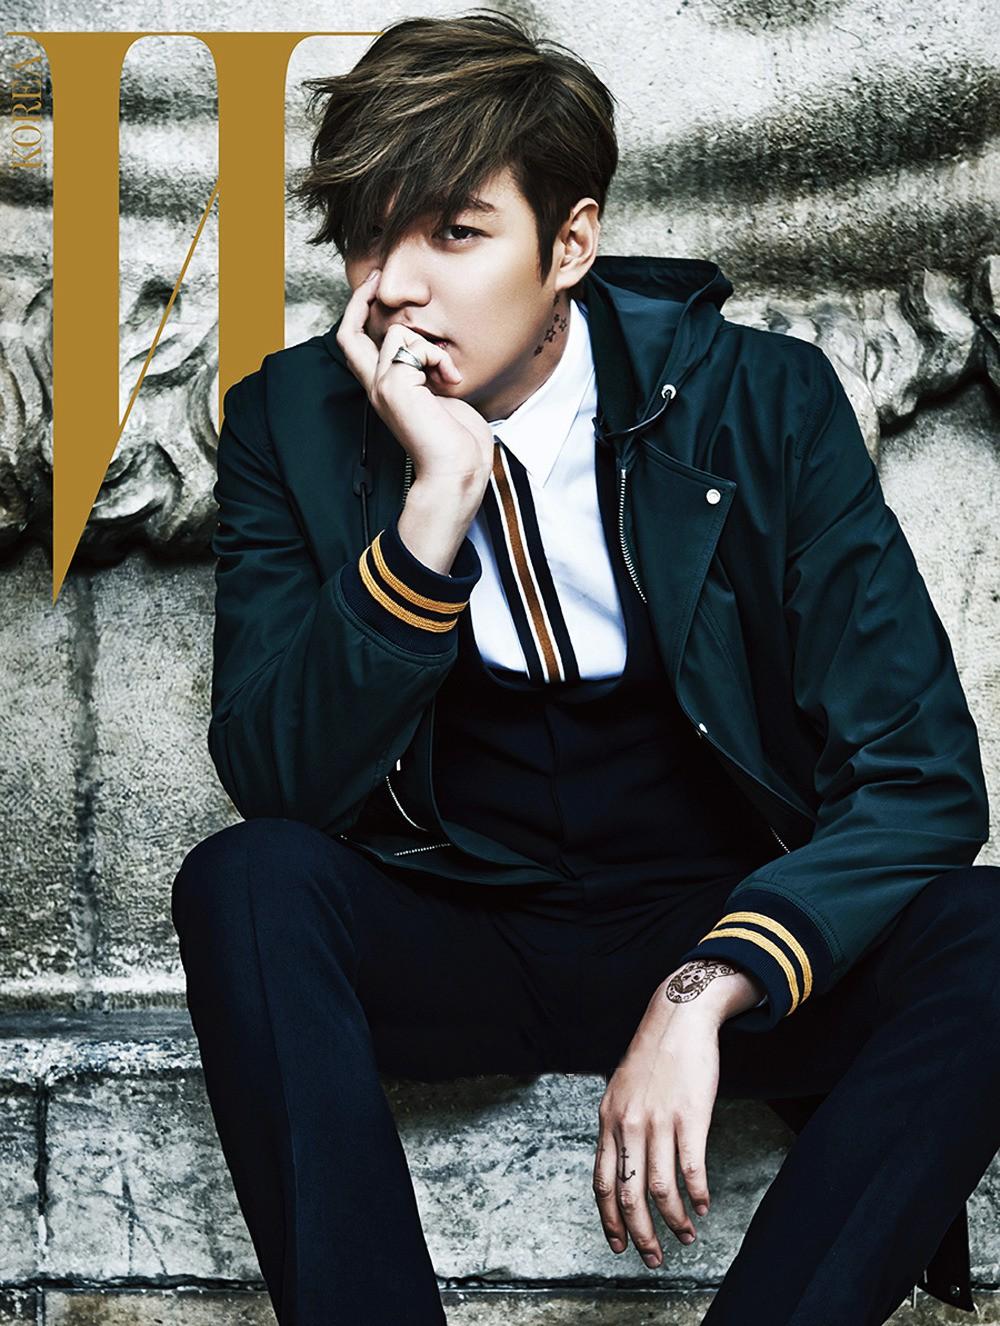 10 năm lột xác ngoại hình của Lee Min Ho: Từ nam thần Vườn sao băng thành tài tử với loạt màn tăng cân gây sốc - Ảnh 19.